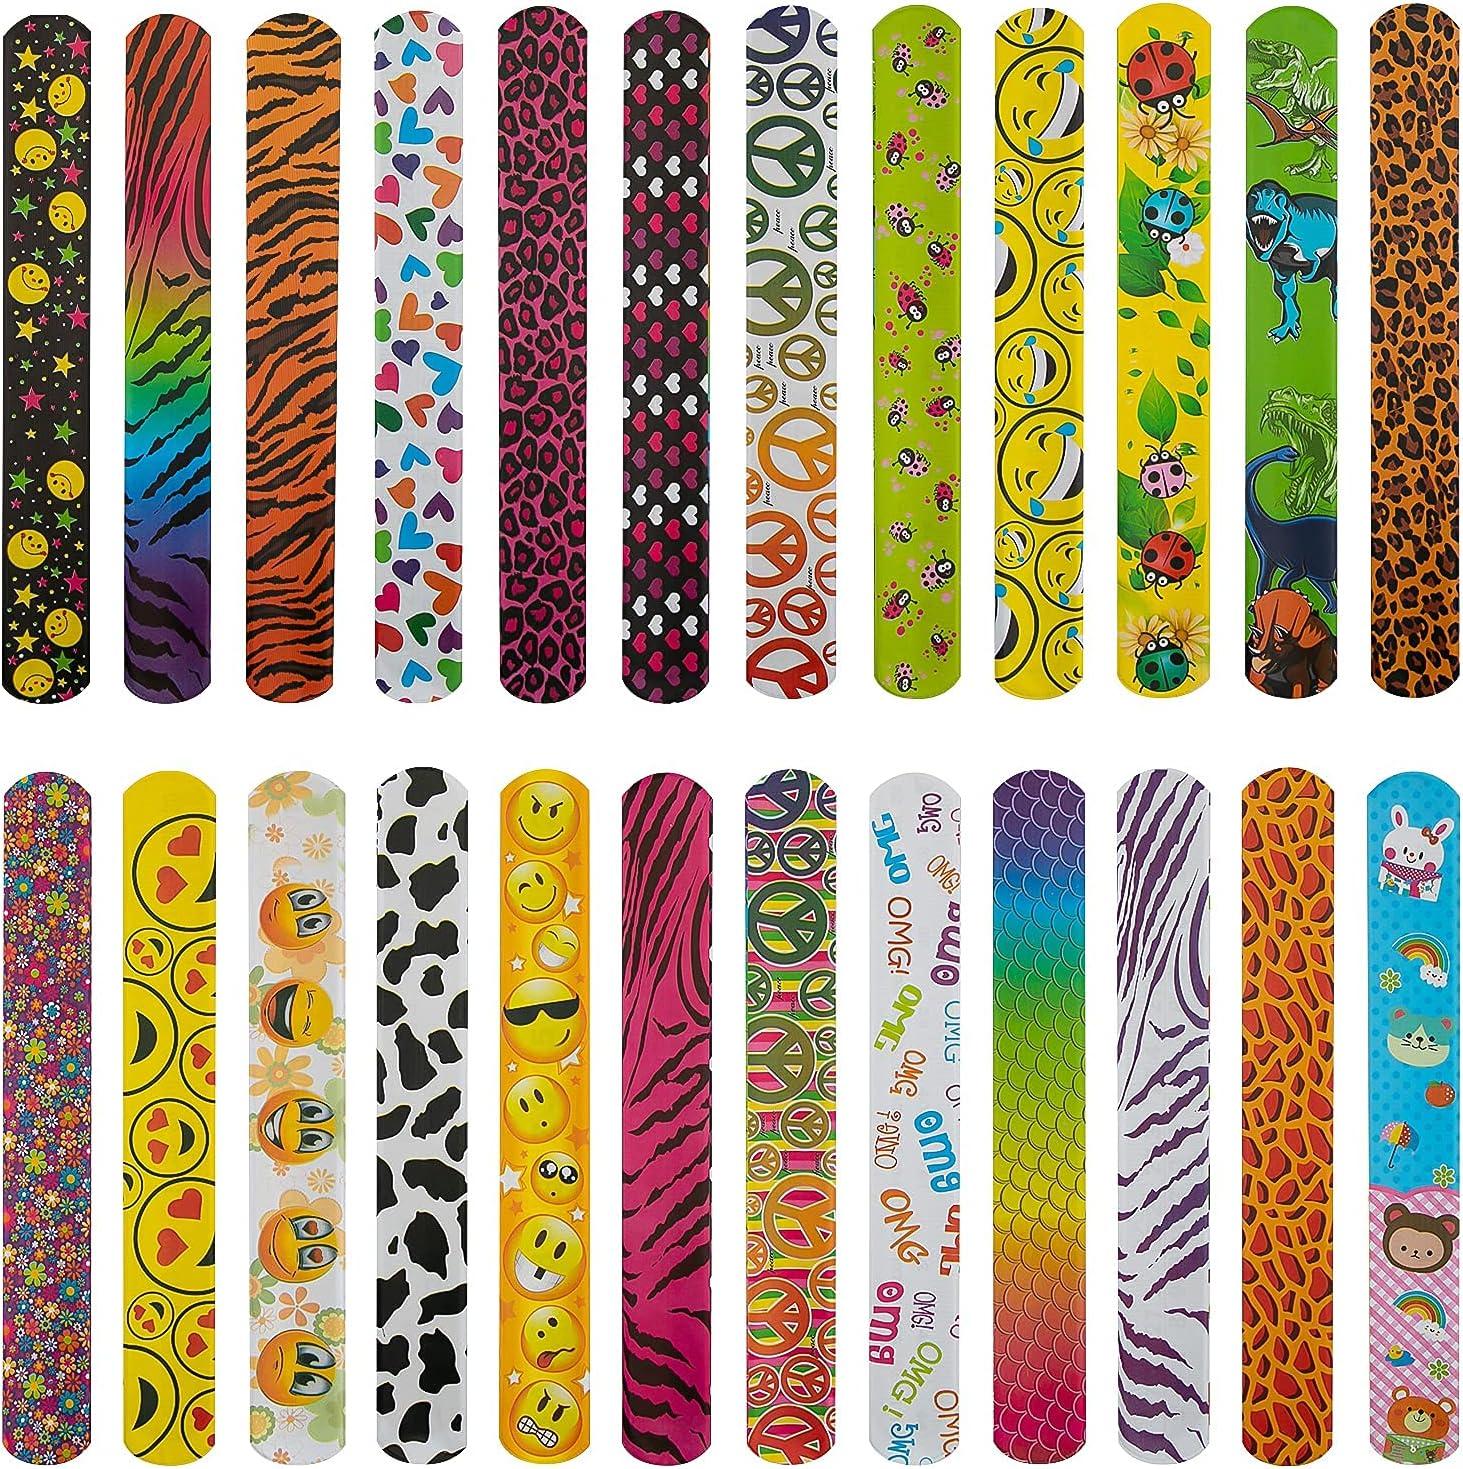 AIEX Import Time sale 25 Pcs Slap Bracelets with Prin Colorful Face Hearts Animal